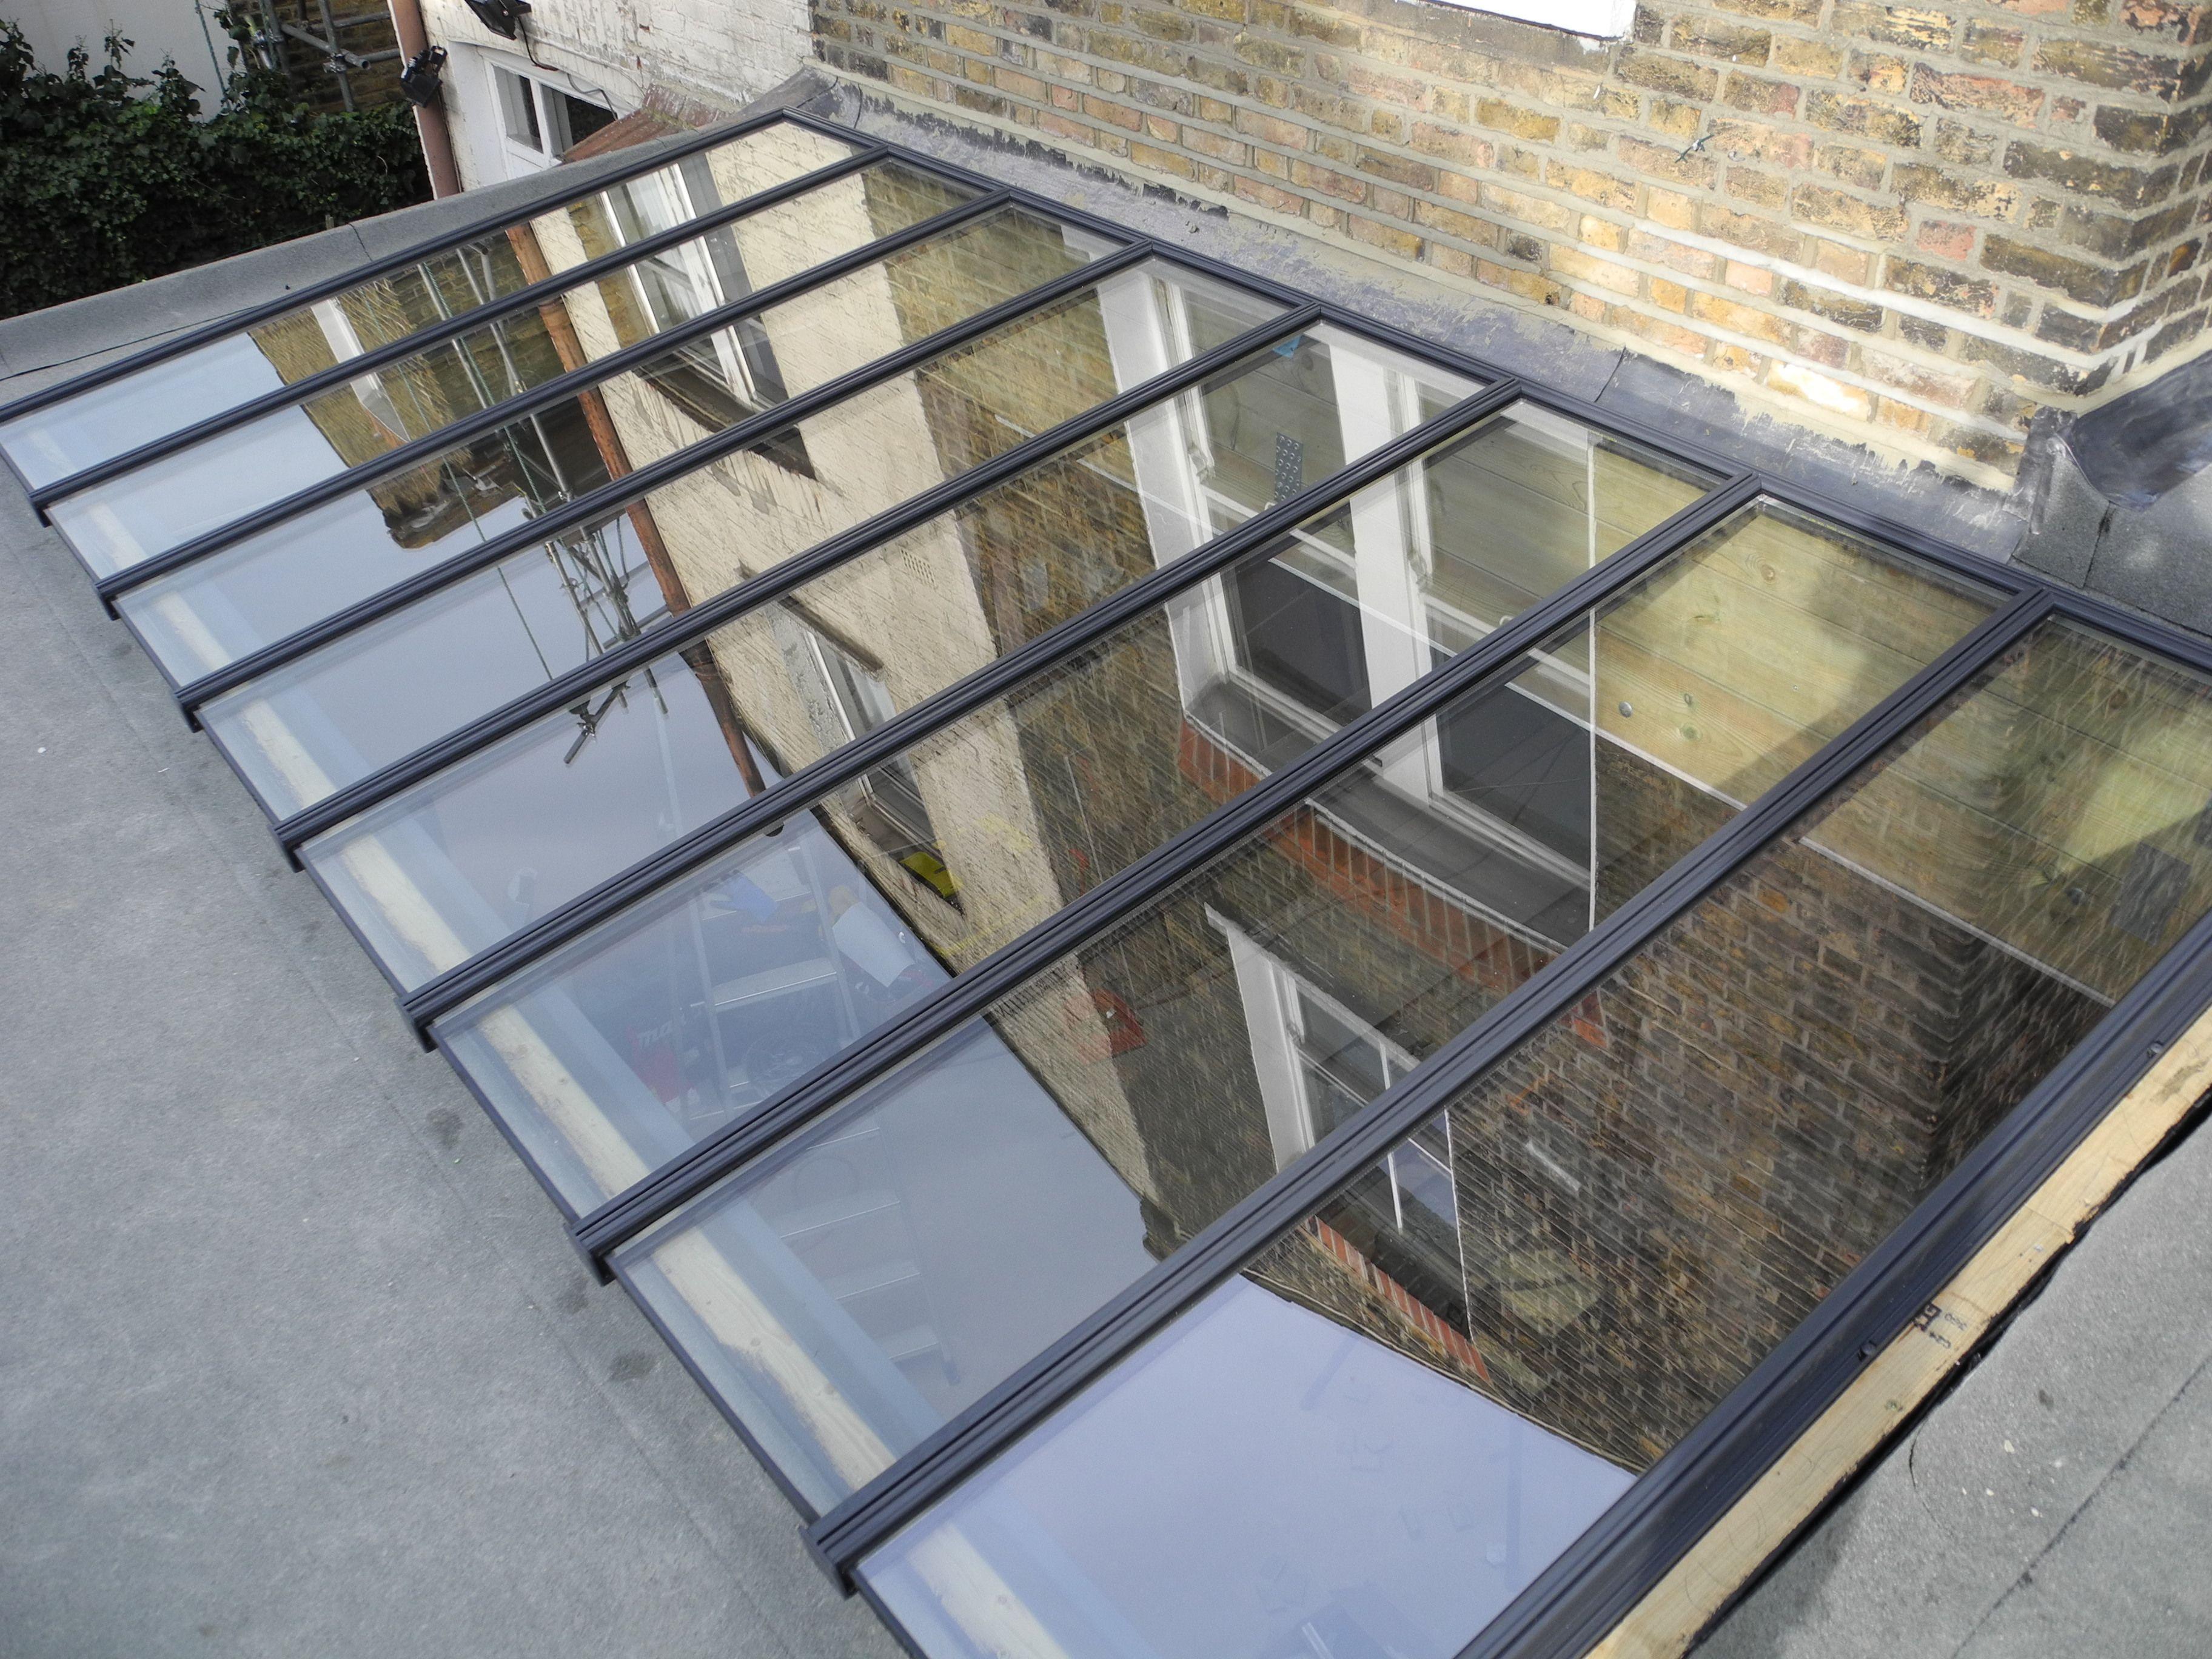 toit vitr maison londres pinterest terrasse couverte couvert et cour. Black Bedroom Furniture Sets. Home Design Ideas